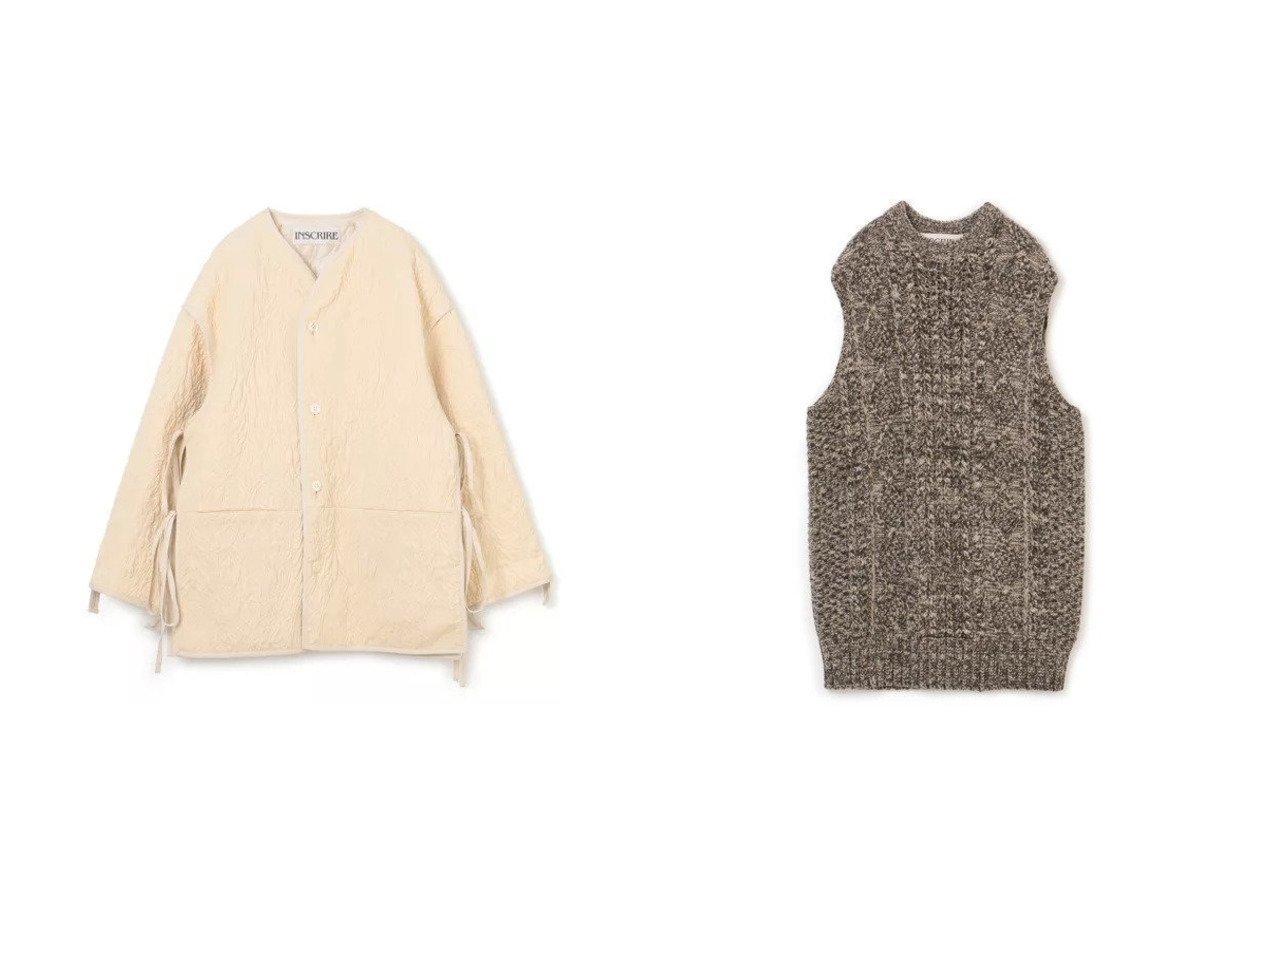 【INSCRIRE/アンスクリア】のFlower Jacquard Lining Blouson&Mix Alan Vest 【アウター】おすすめ!人気、トレンド・レディースファッションの通販 おすすめで人気の流行・トレンド、ファッションの通販商品 インテリア・家具・メンズファッション・キッズファッション・レディースファッション・服の通販 founy(ファニー) https://founy.com/ ファッション Fashion レディースファッション WOMEN アウター Coat Outerwear ジャケット Jackets ブルゾン Blouson/Jackets トップス・カットソー Tops/Tshirt ベスト/ジレ Gilets/Vests 2021年 2021 2021-2022秋冬・A/W AW・Autumn/Winter・FW・Fall-Winter・2021-2022 A/W・秋冬 AW・Autumn/Winter・FW・Fall-Winter ジャケット スリット ブルゾン リバーシブル カットソー ベスト ボトム ミックス 人気  ID:crp329100000056373